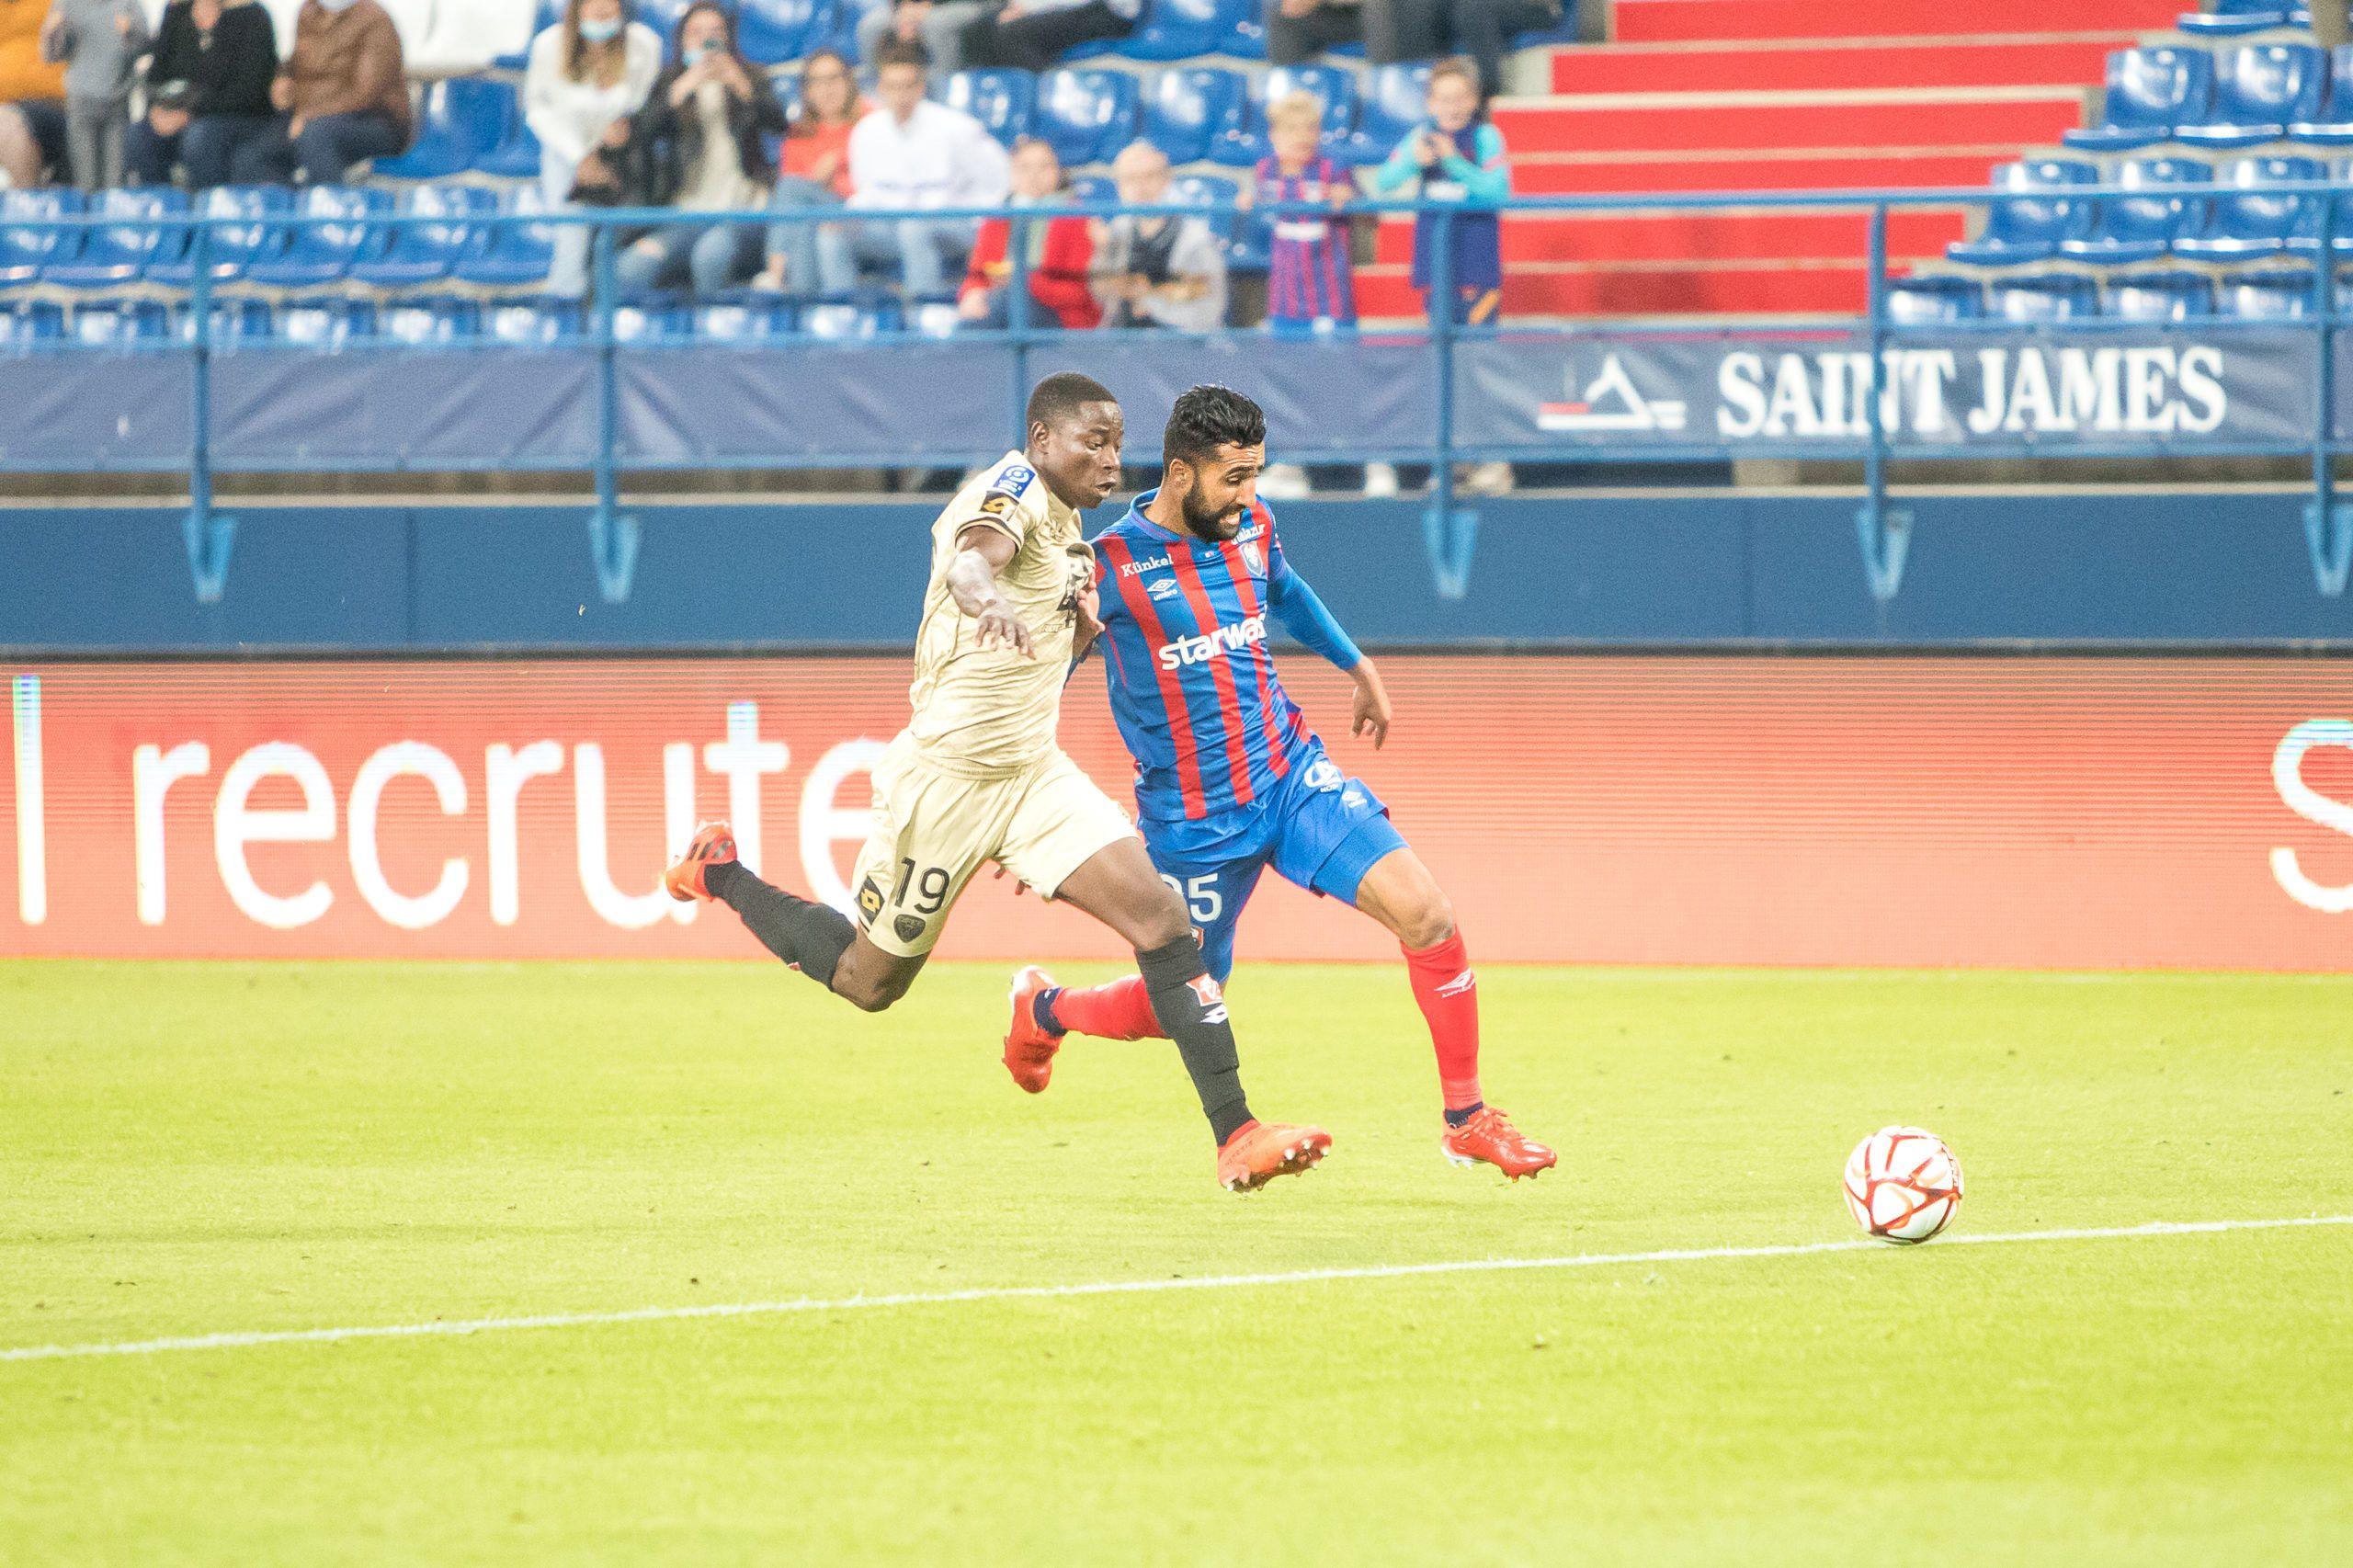 Les décisions de la commission de discipline pour le match Caen – Dijon